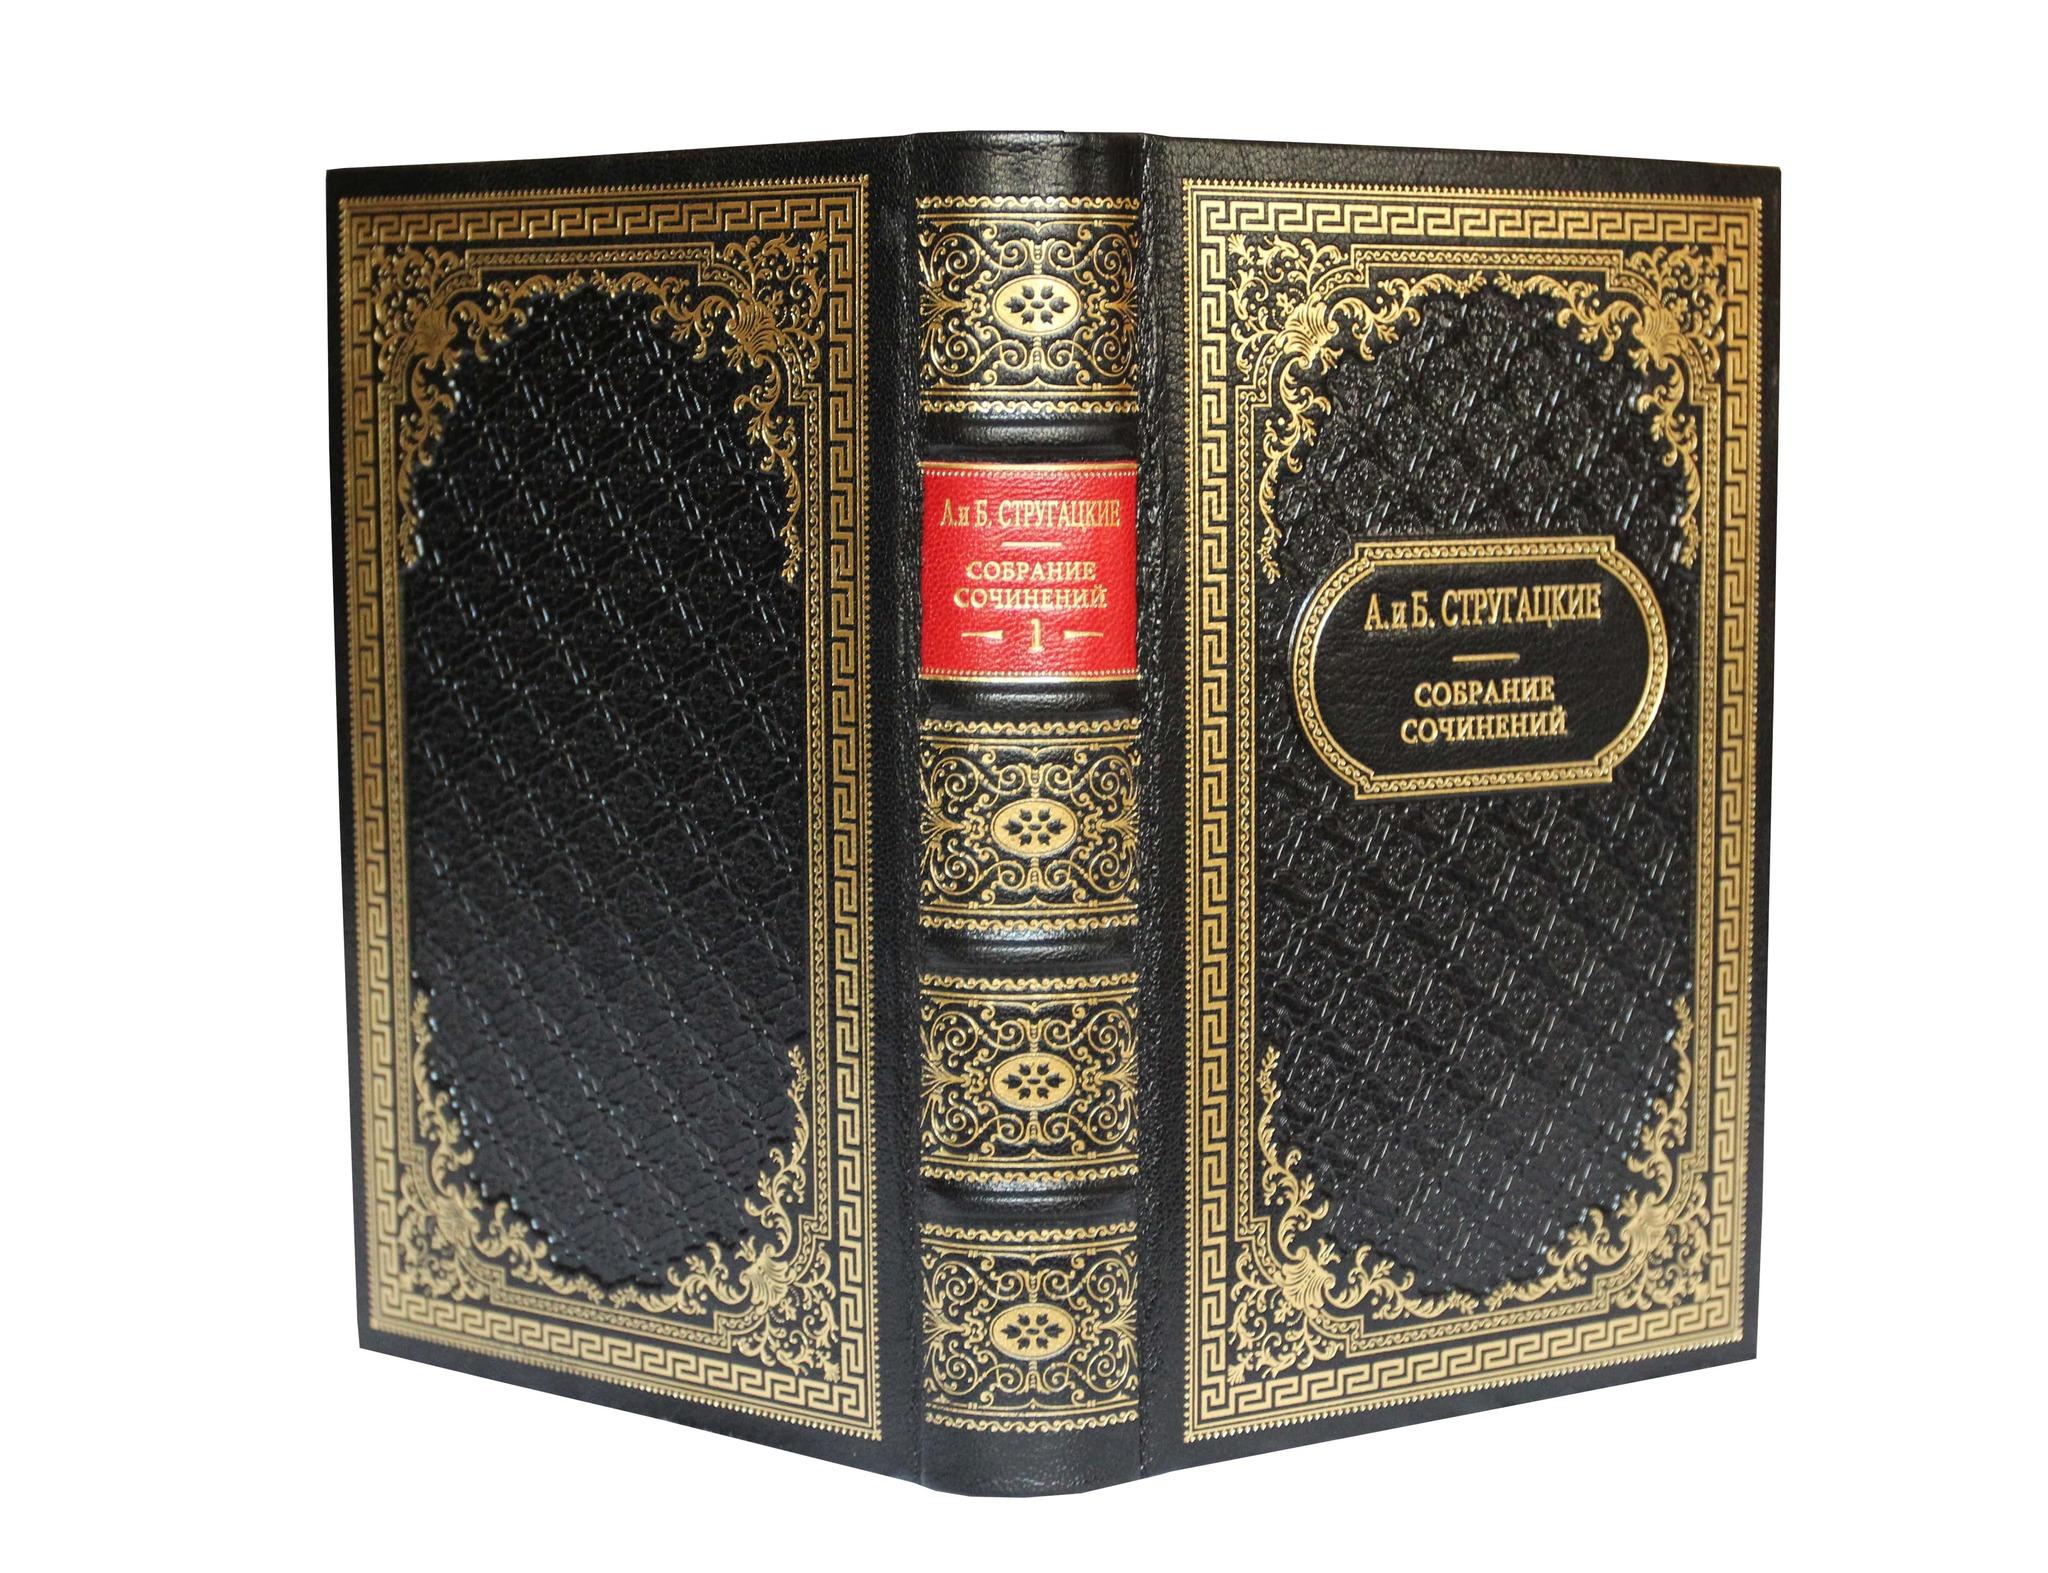 Стругацкий А., Стругацкий Б. Собрание сочинений в 11 томах